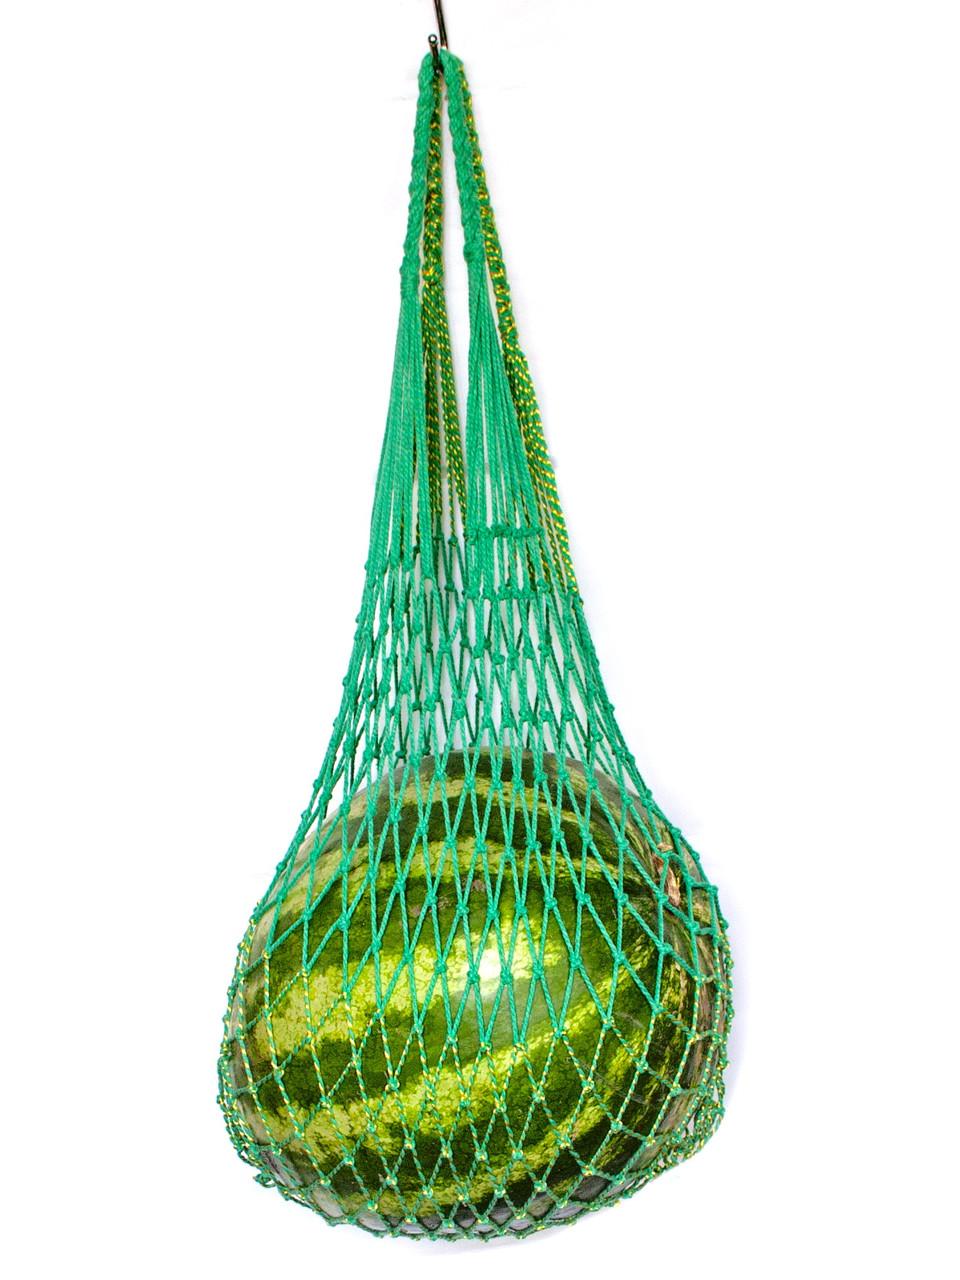 Шоппер сумка - Сумка для Арбуза - Эко сумка - Эксклюзивная Французская сумка